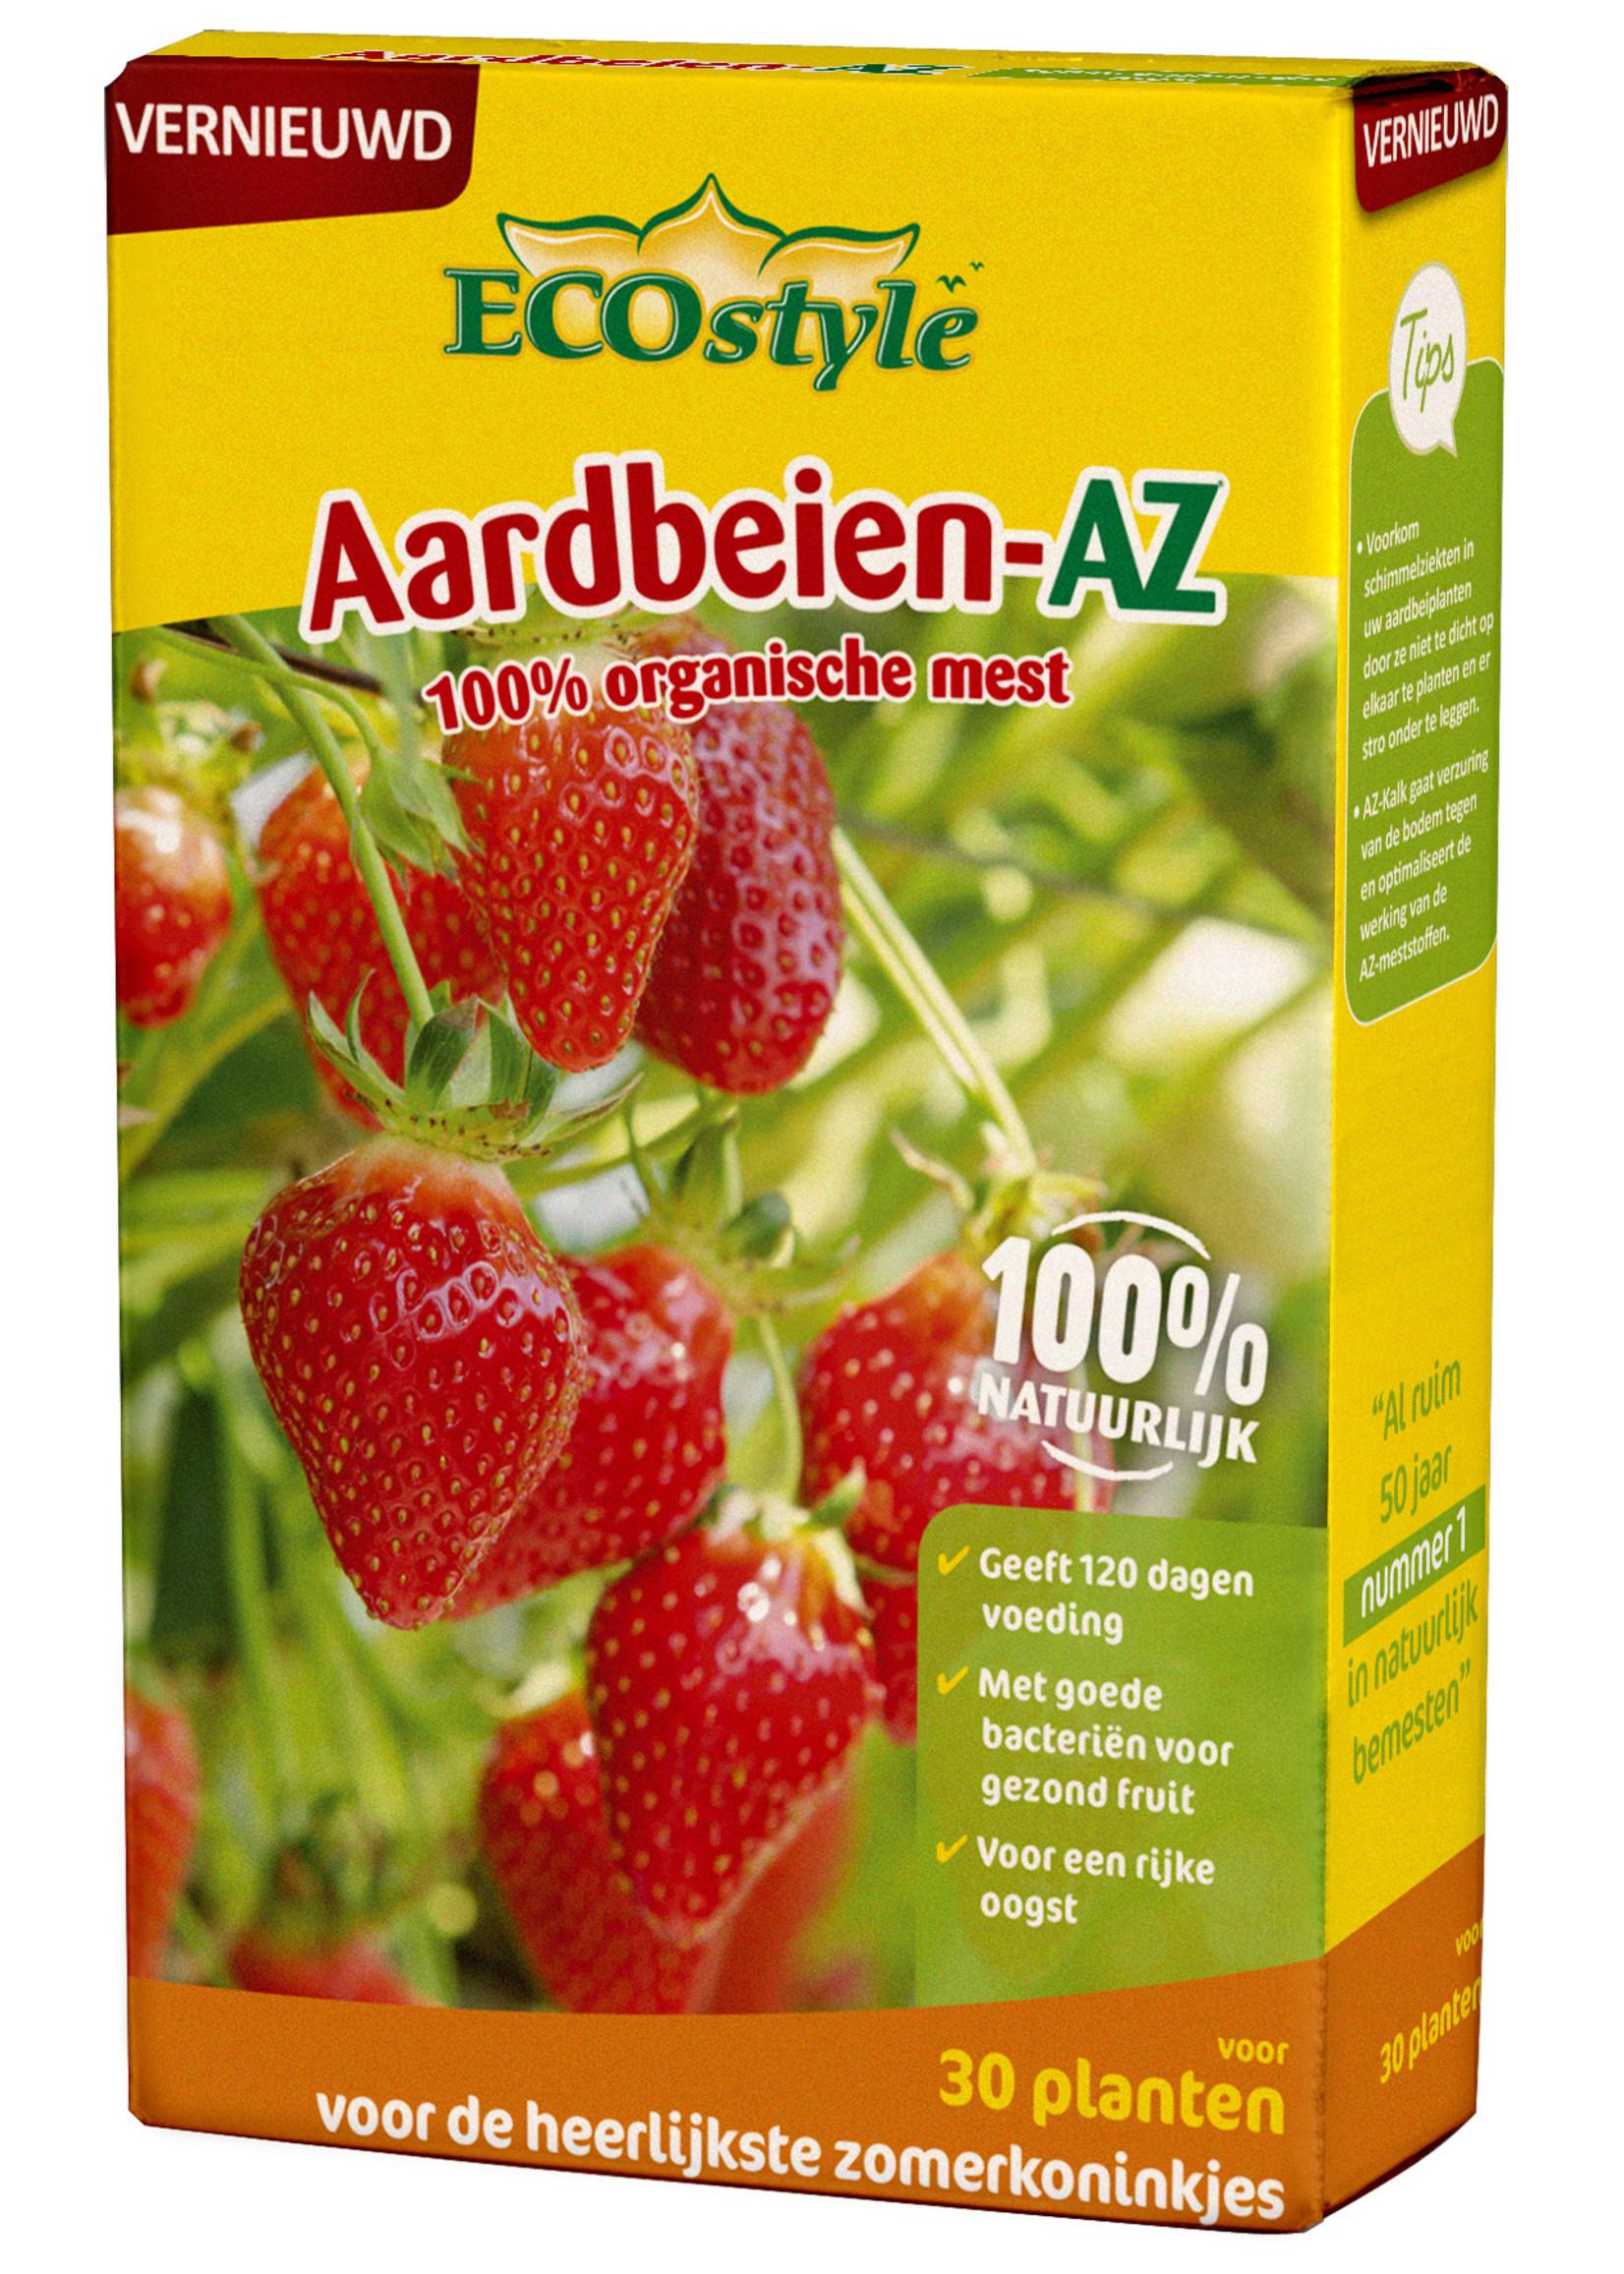 Ecostyle Aardbeien-AZ meststof 800 gram (voor ca. 30 planten)